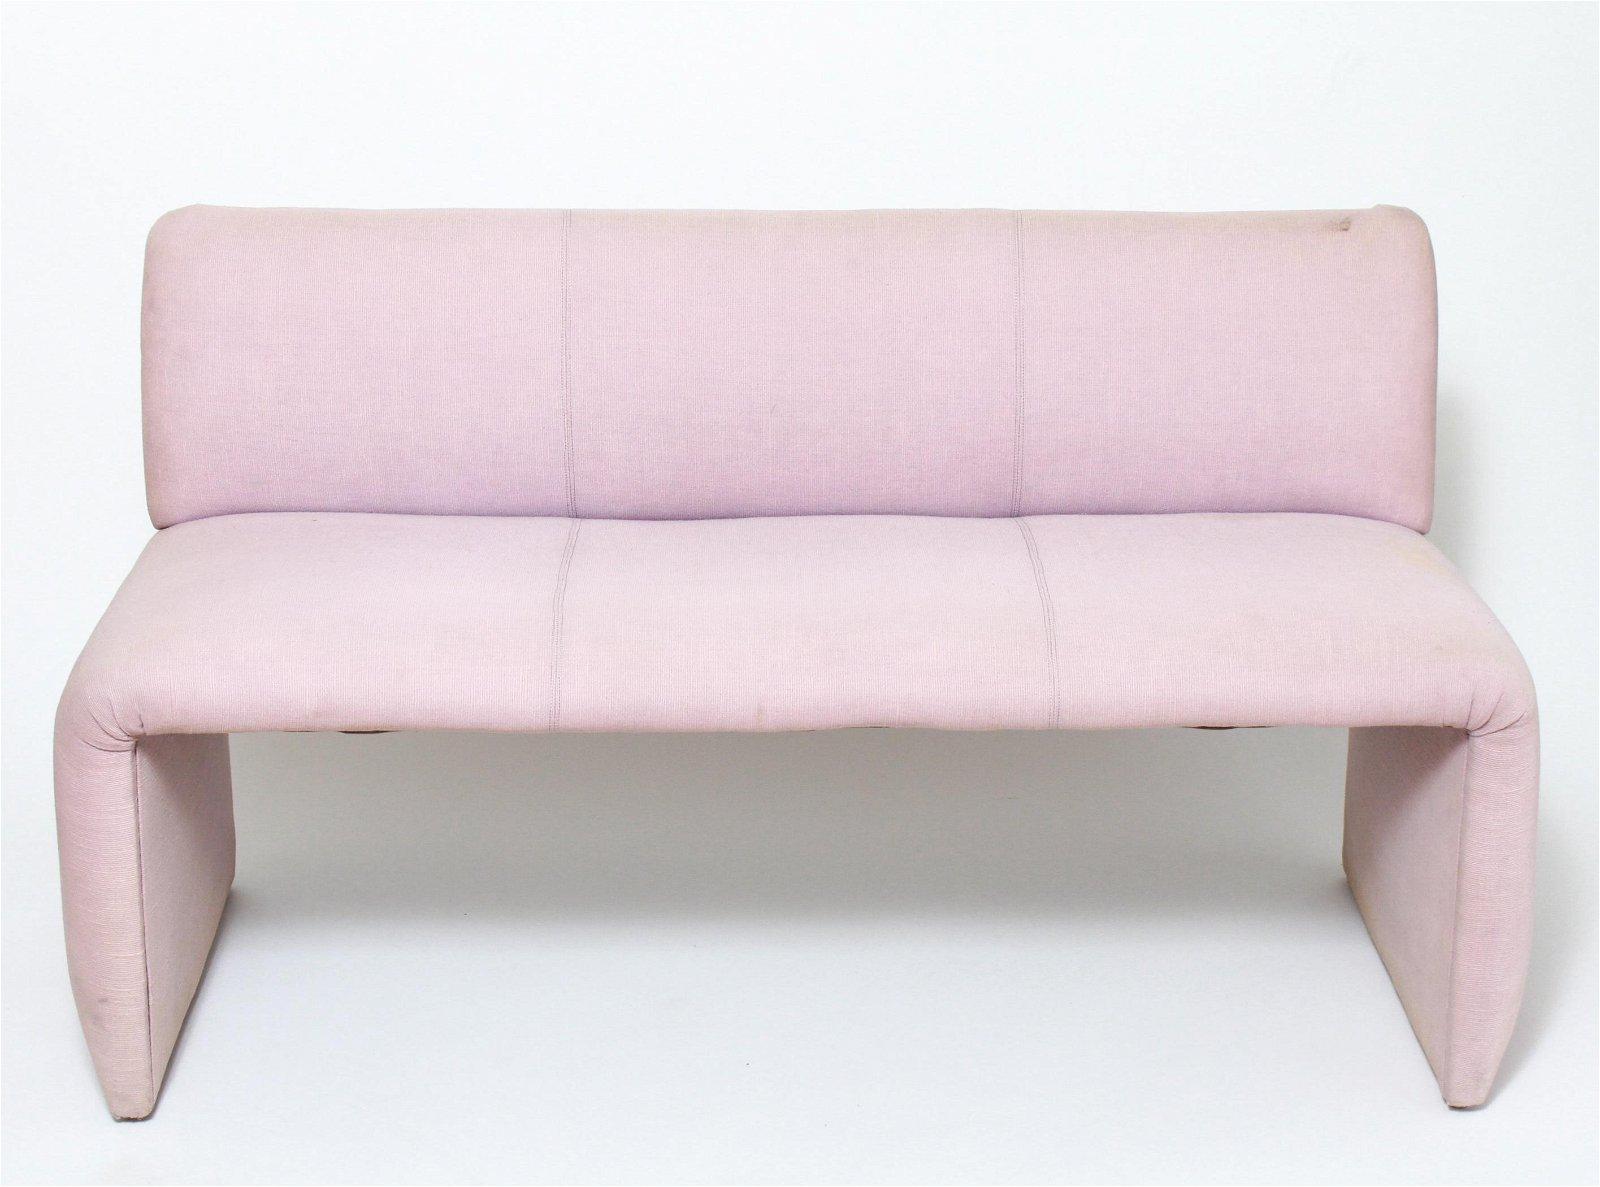 Dunbar Modern Pink Upholstered Bench